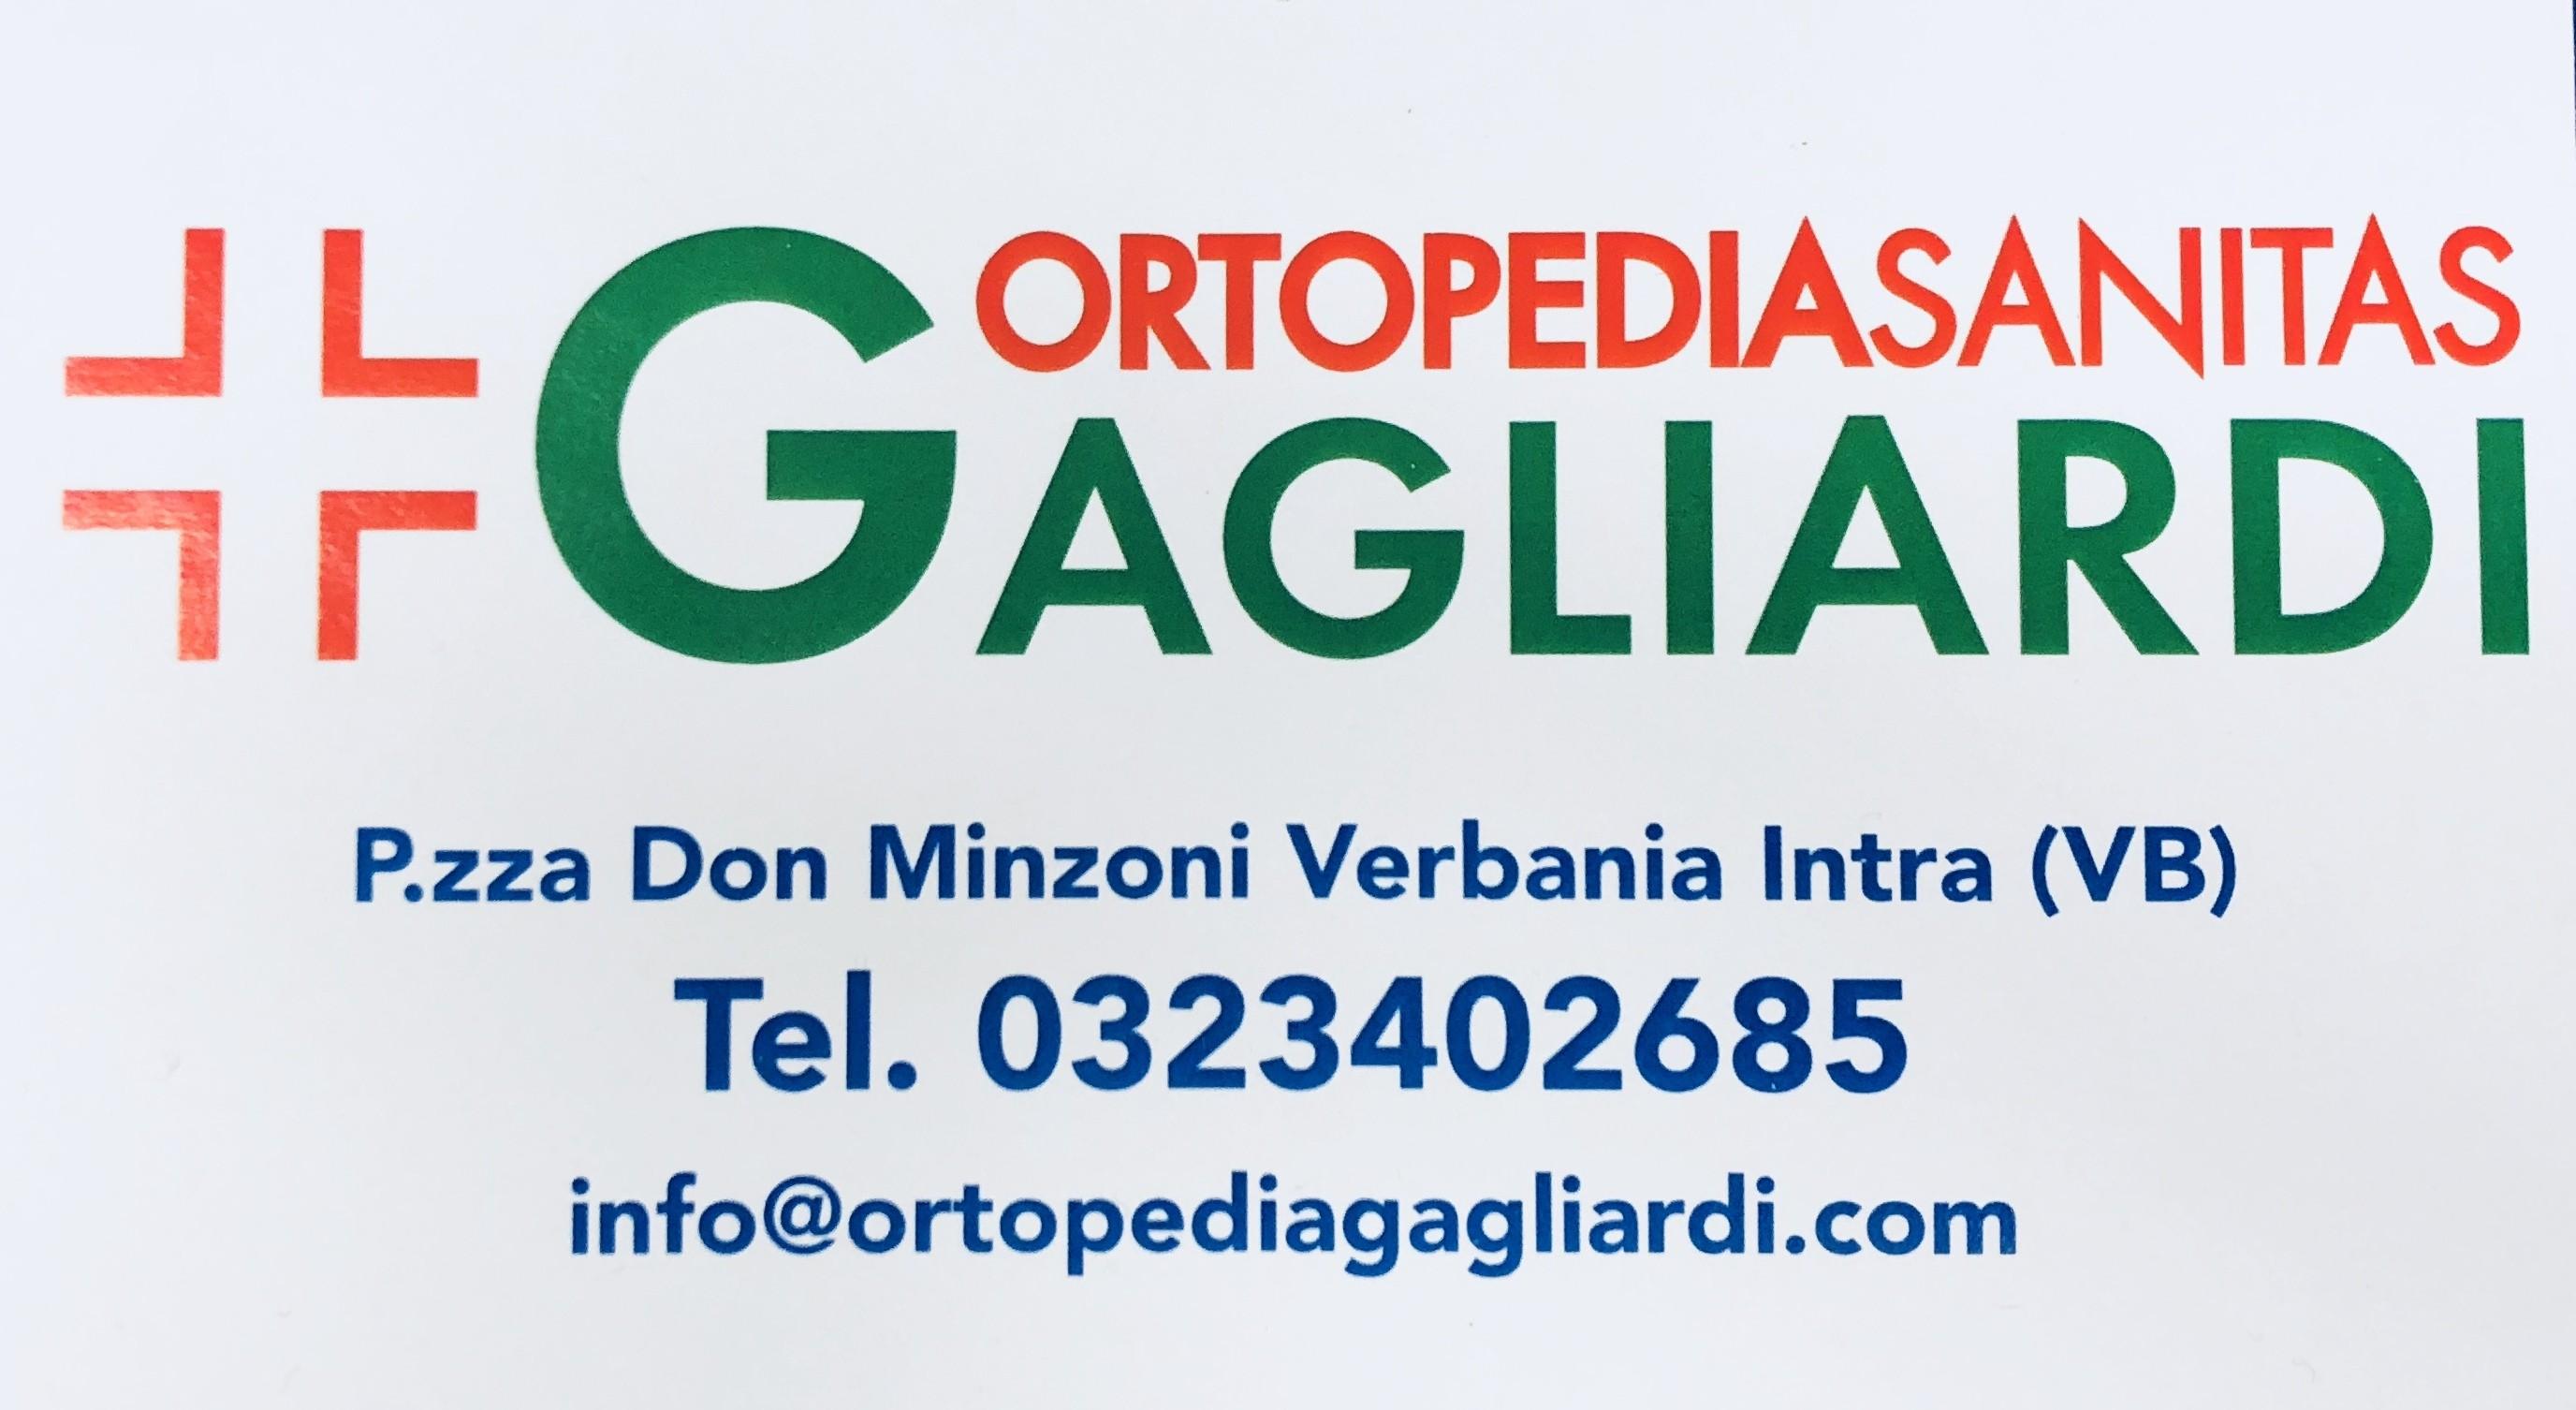 Ortopedia Gagliardi